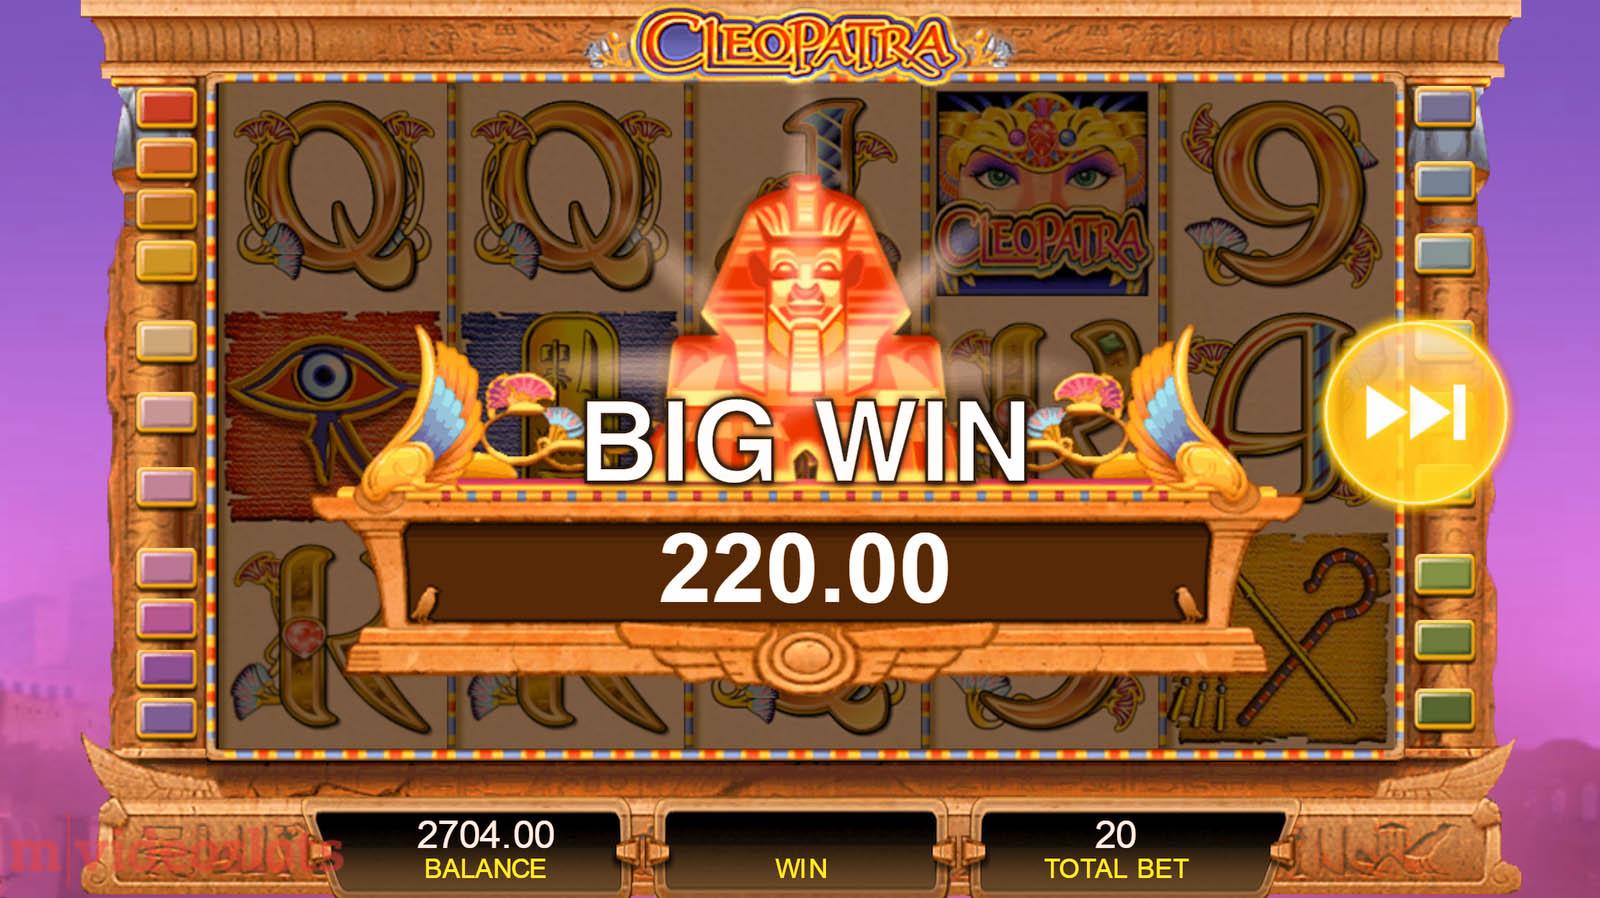 MegaJackpots Cleopatra - Rizk Casino